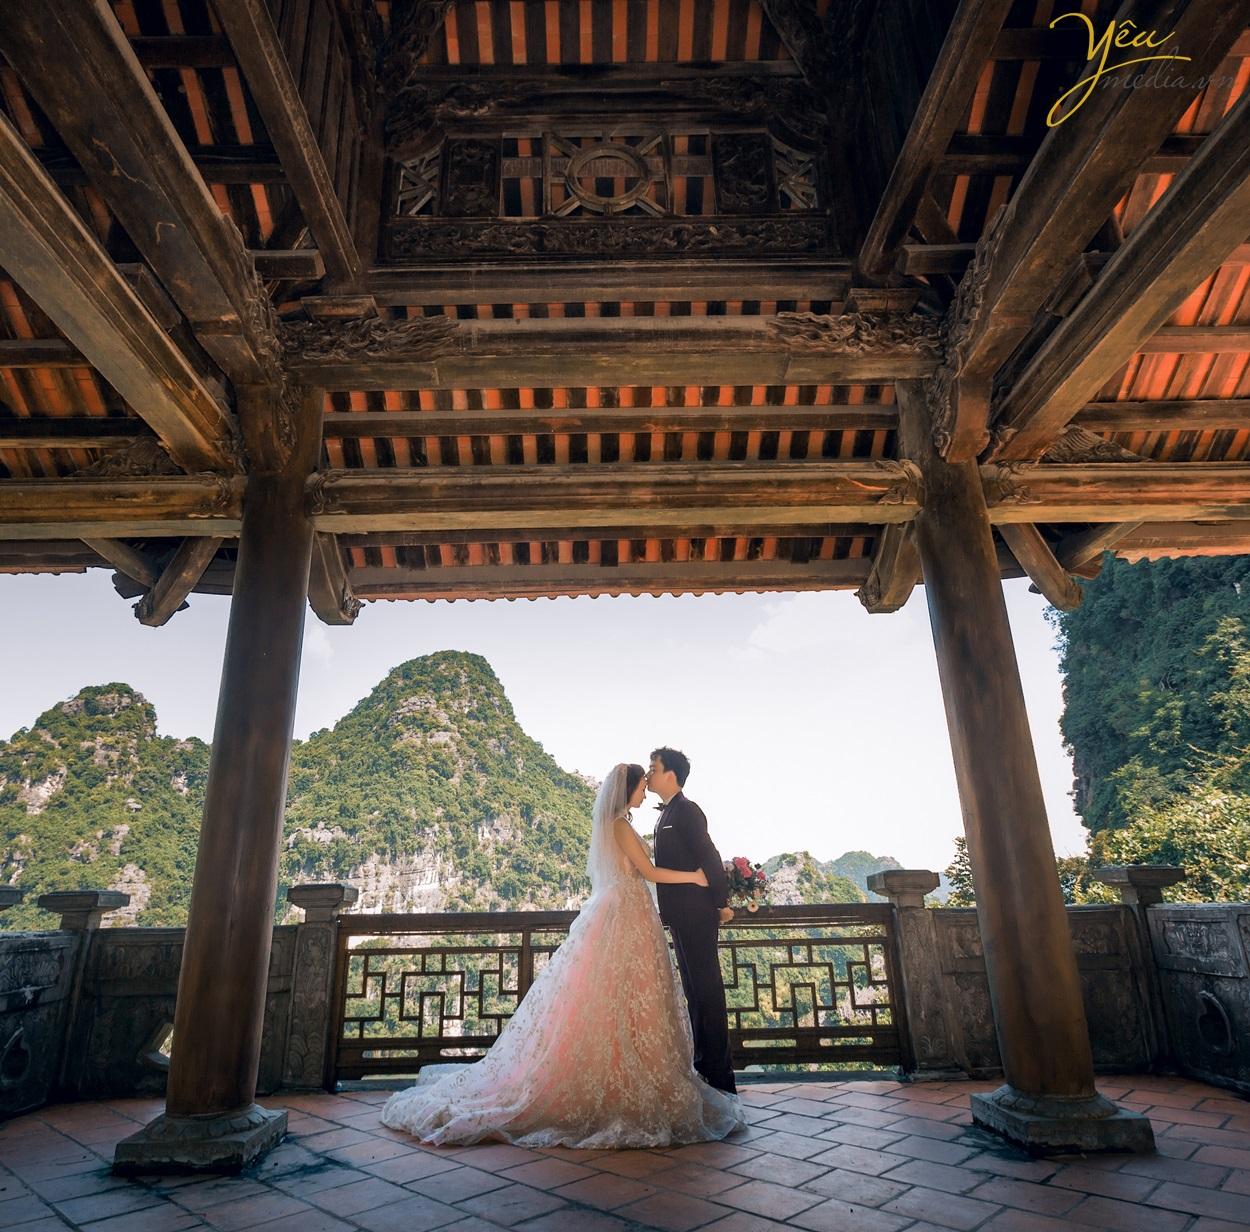 Gói chụp ảnh cưới tại Ninh Bình. Tràng An - Tuyệt Tình Cốc - Cổng Tràng An